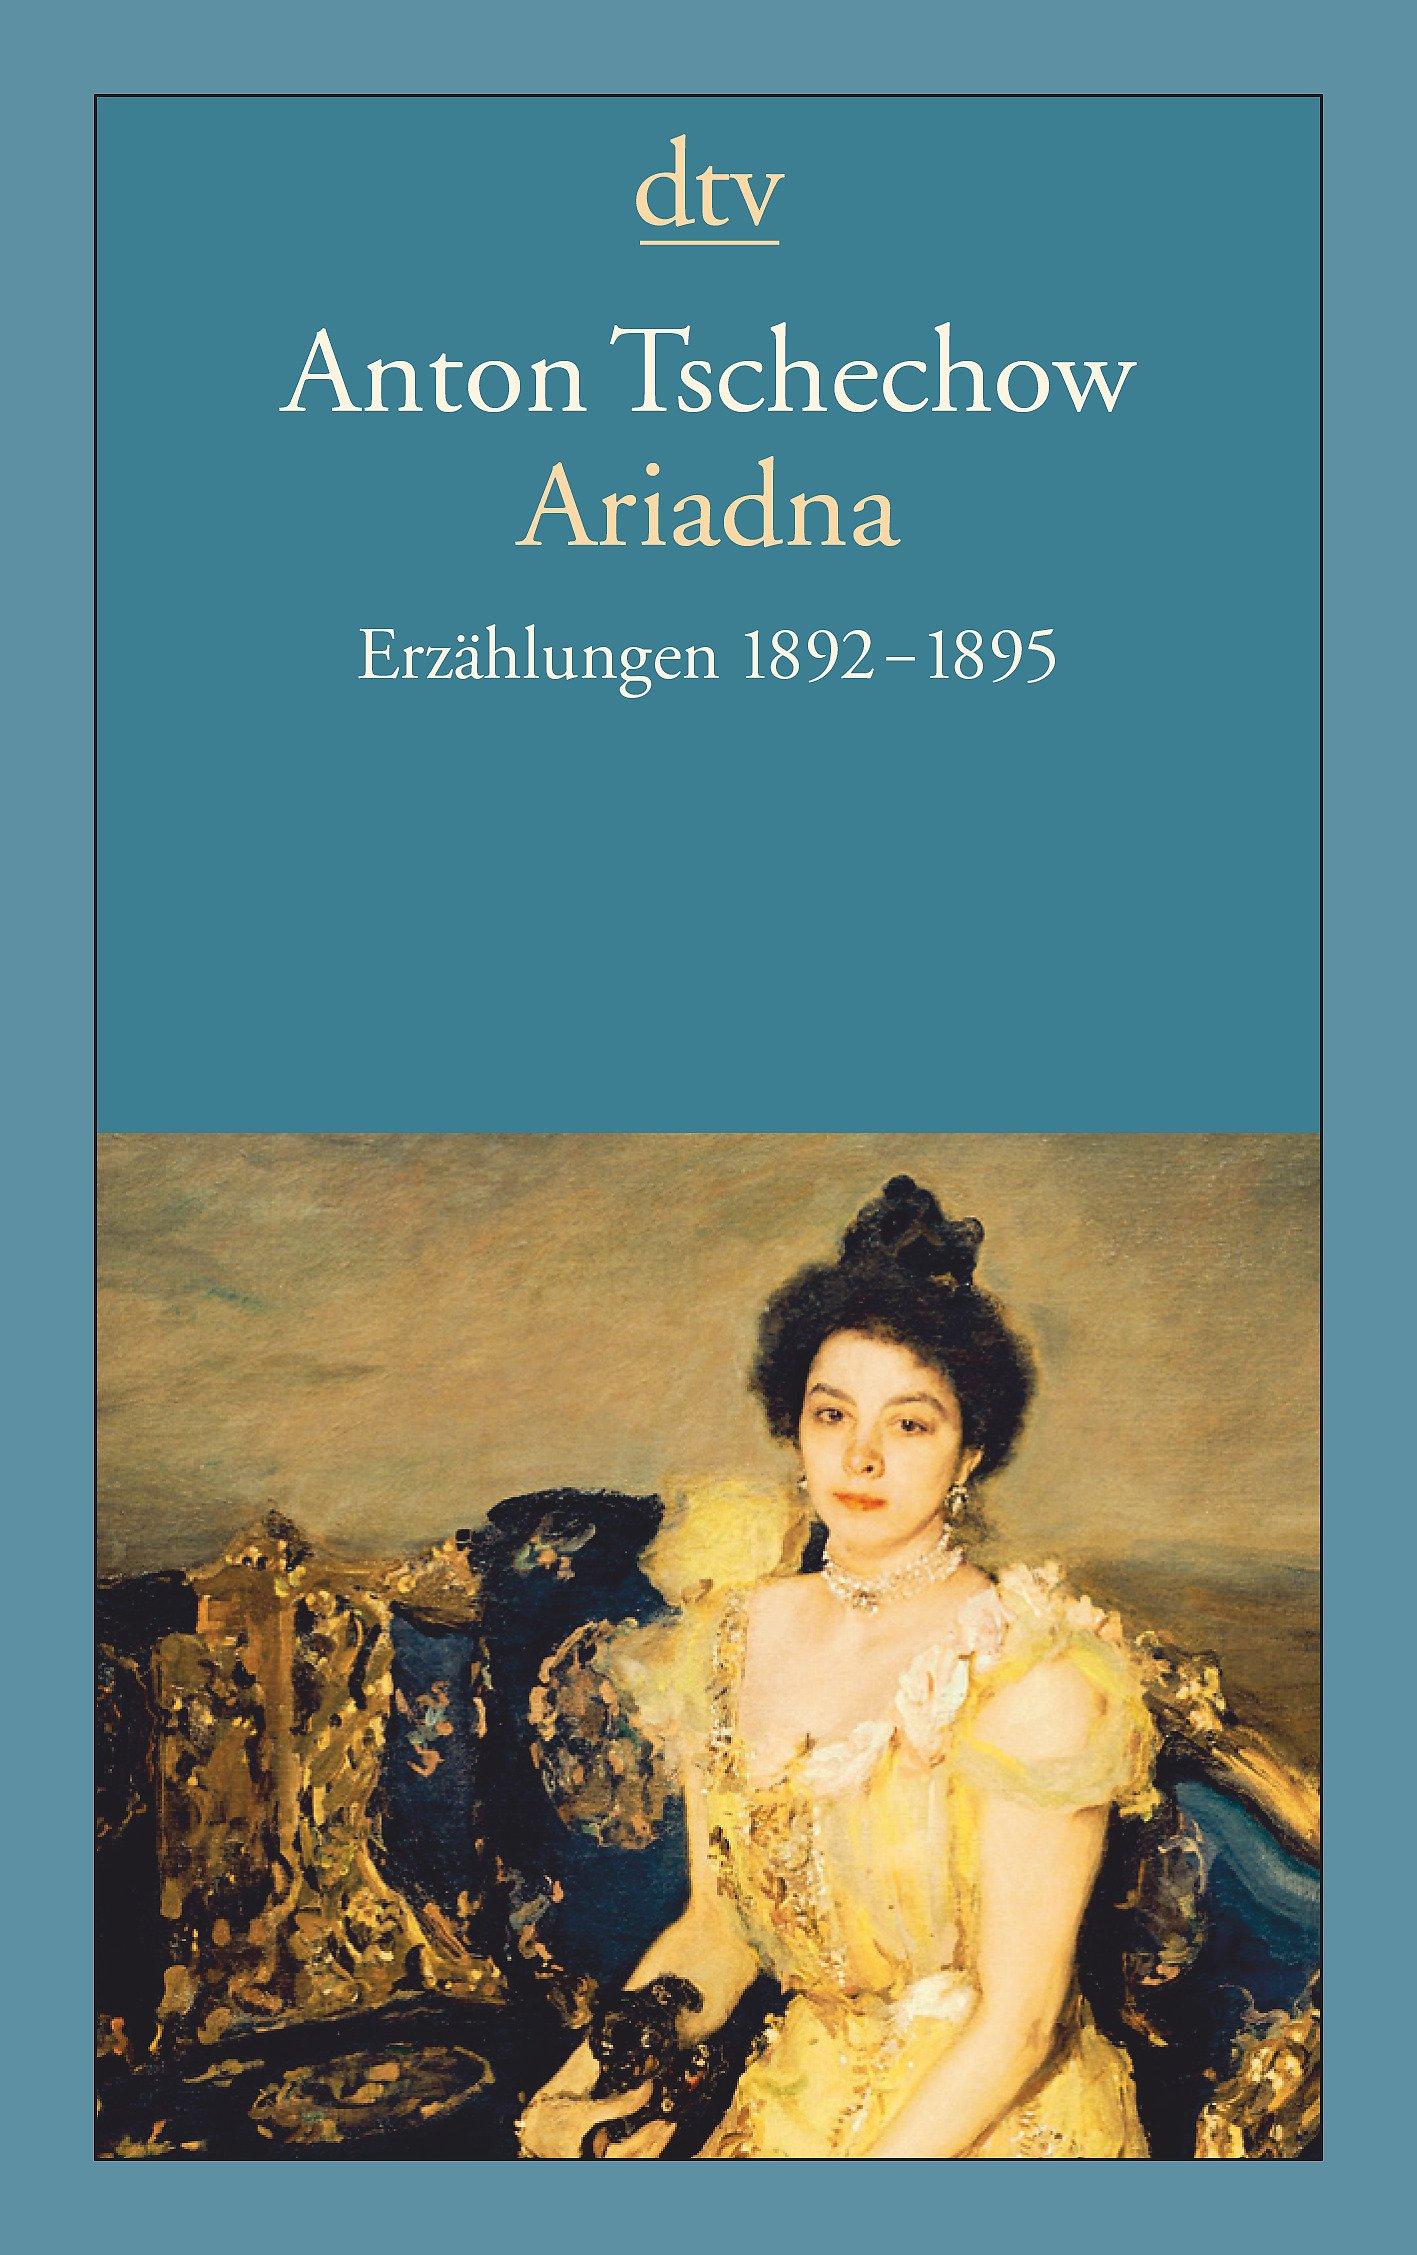 Ariadna: Erzählungen 1892 - 1895